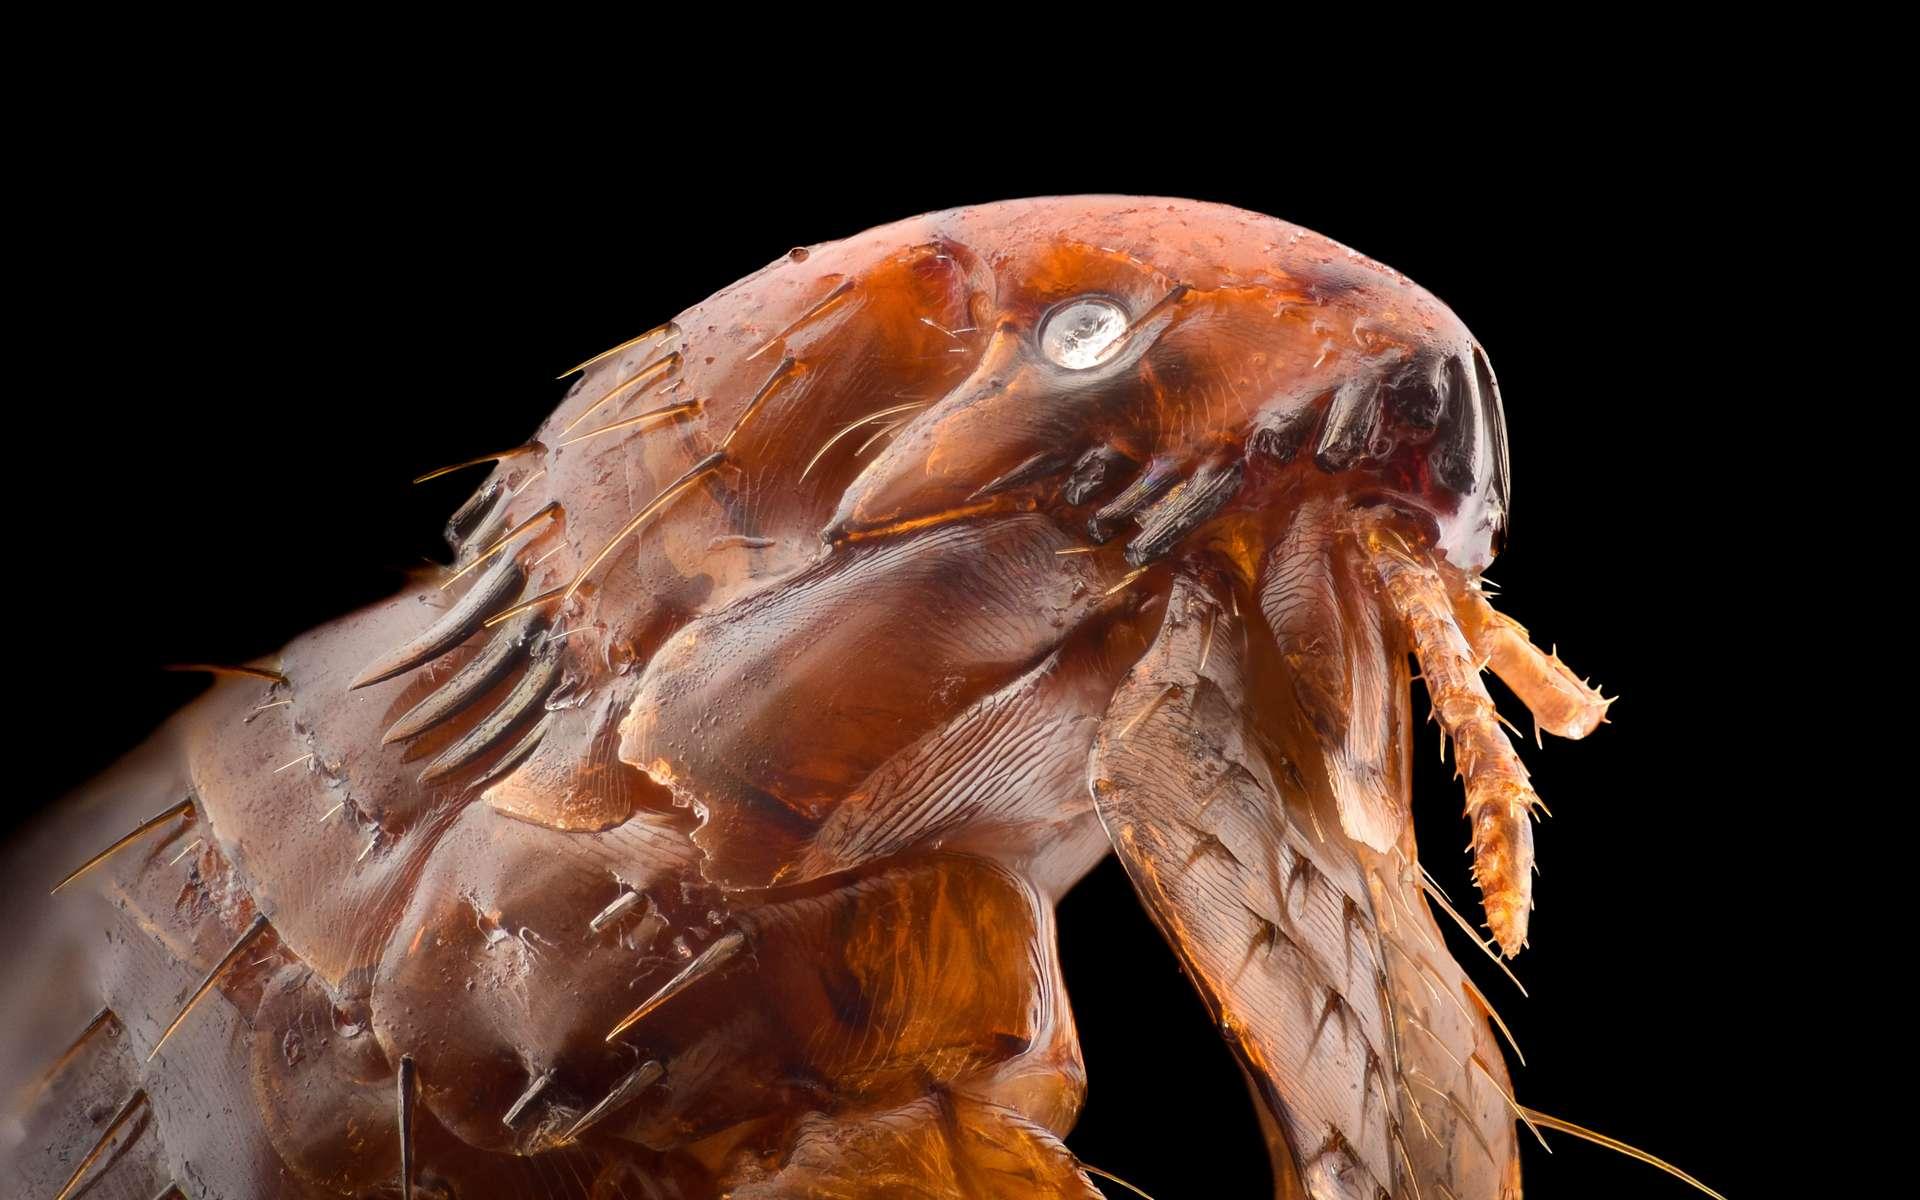 Un parasite est un organisme qui vit aux dépens d'un autre, son hôte. © Constantincornel, Adobe Stock